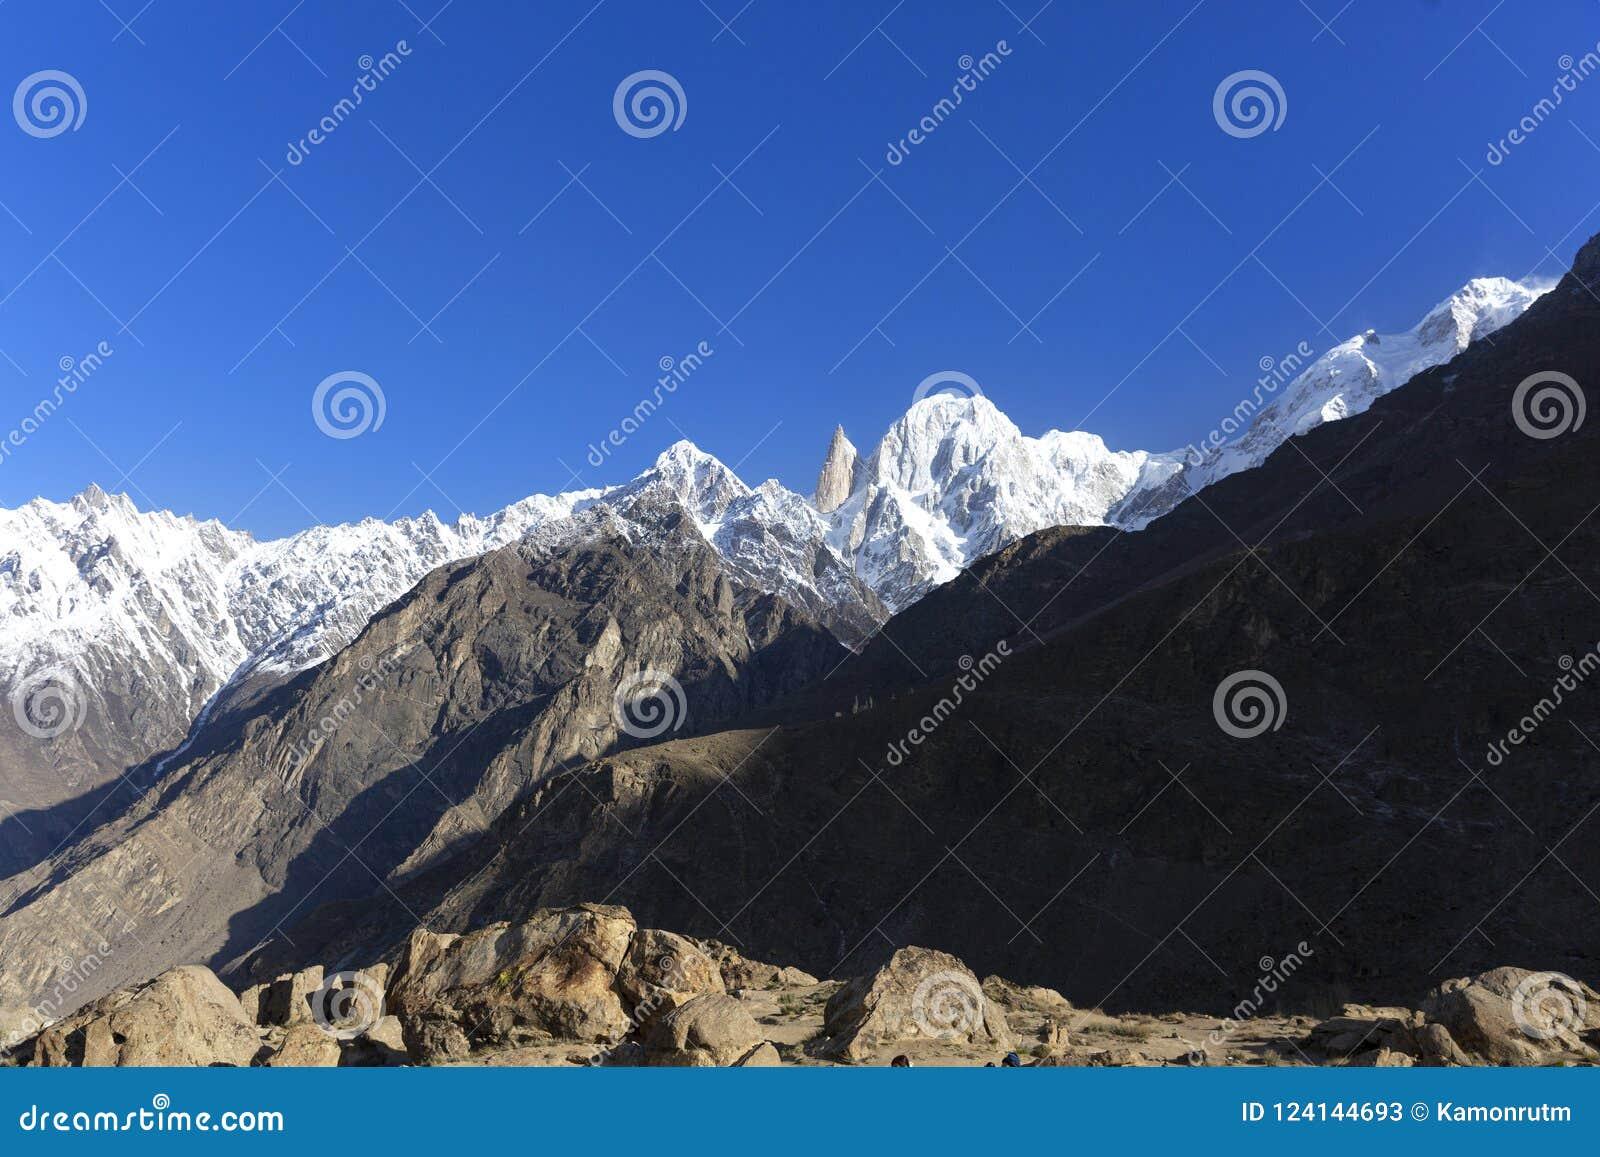 La altitud máxima del melindre 6.200 M en las montañas del karakoram sonó